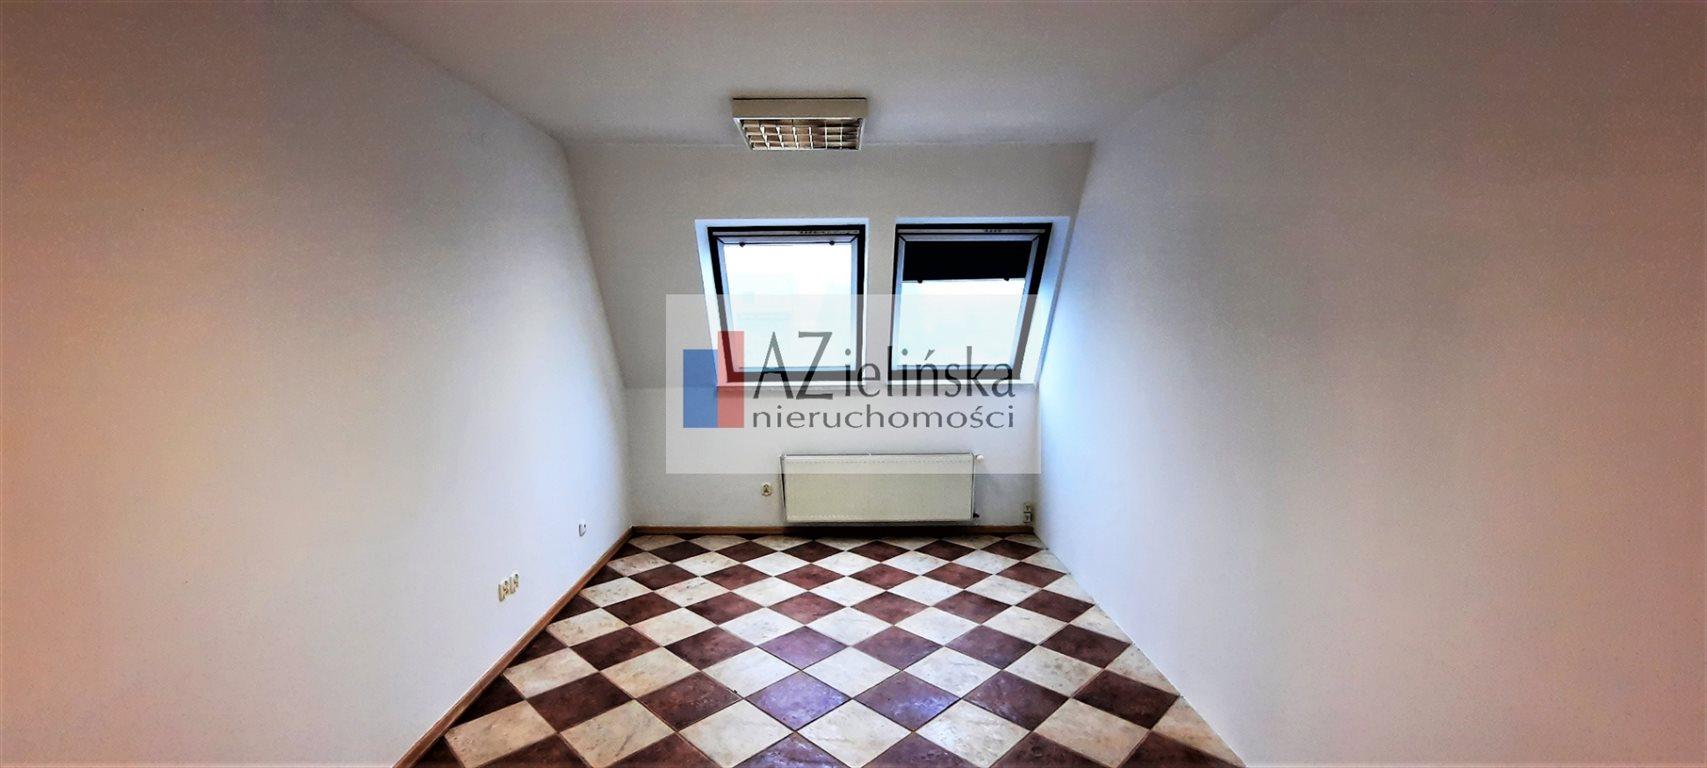 Mieszkanie dwupokojowe na wynajem Suchy Las, Obornicka  58m2 Foto 1